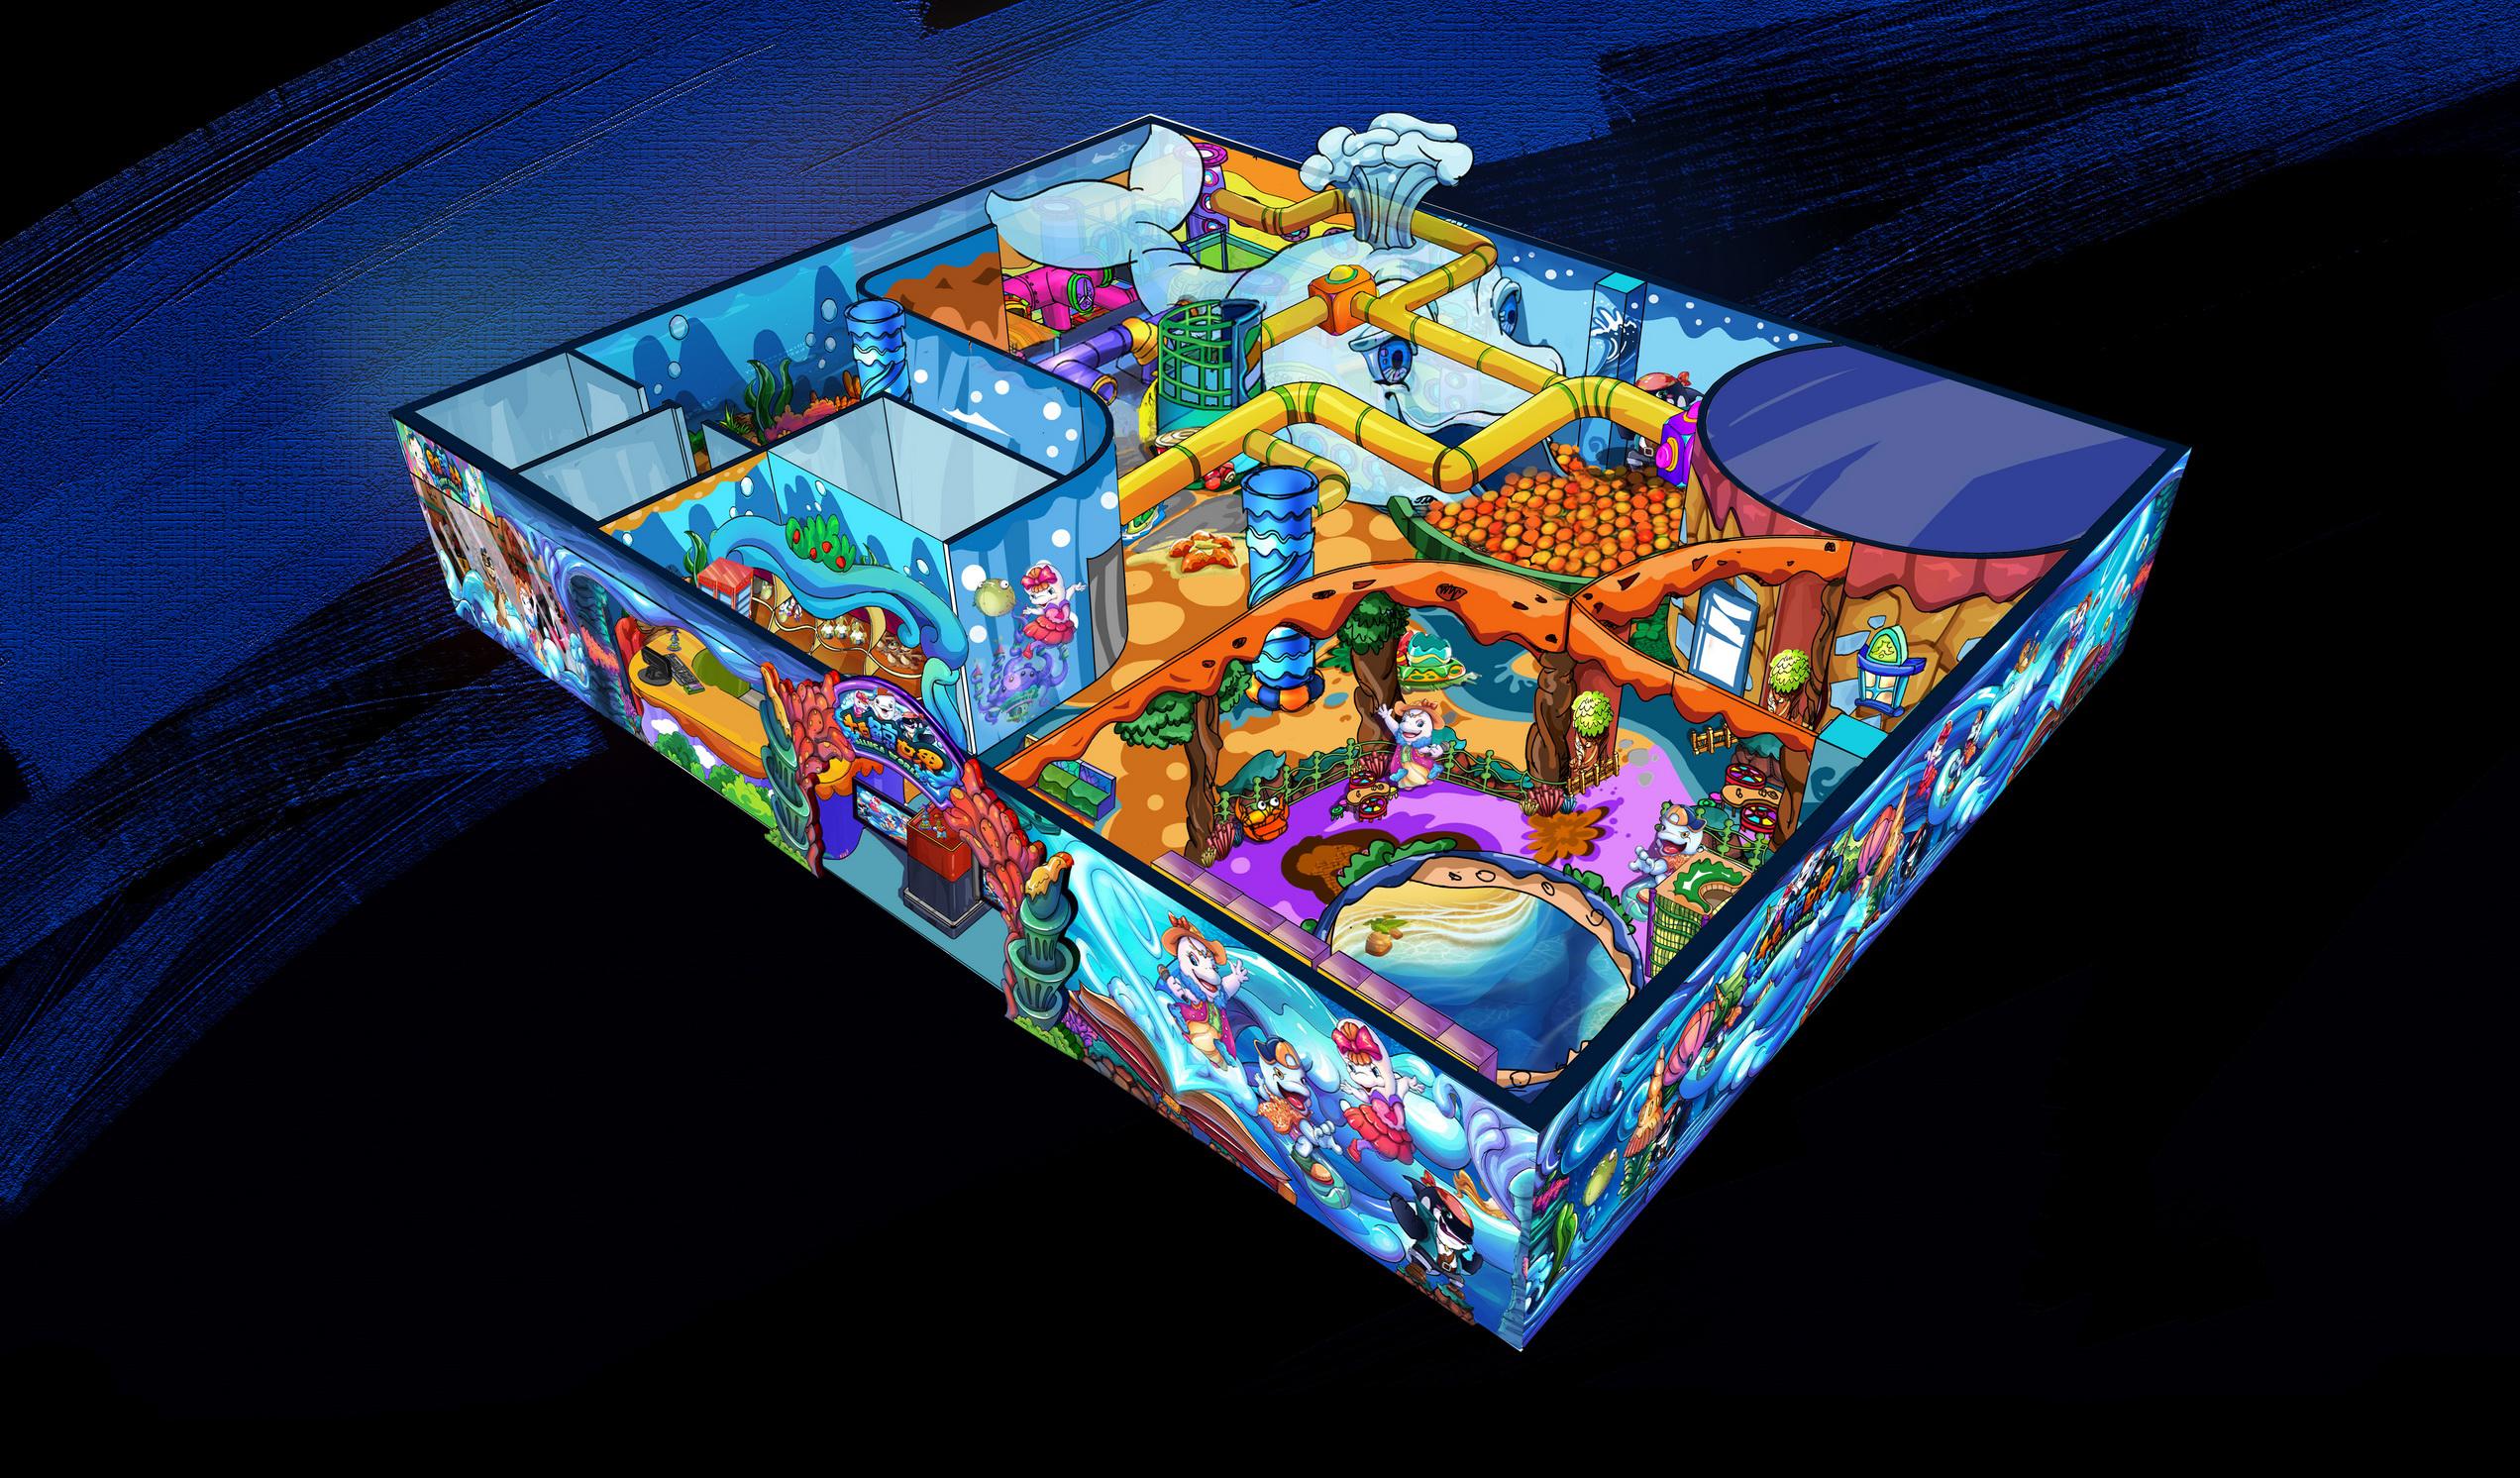 海洋主题室内儿童乐园手绘鸟瞰图